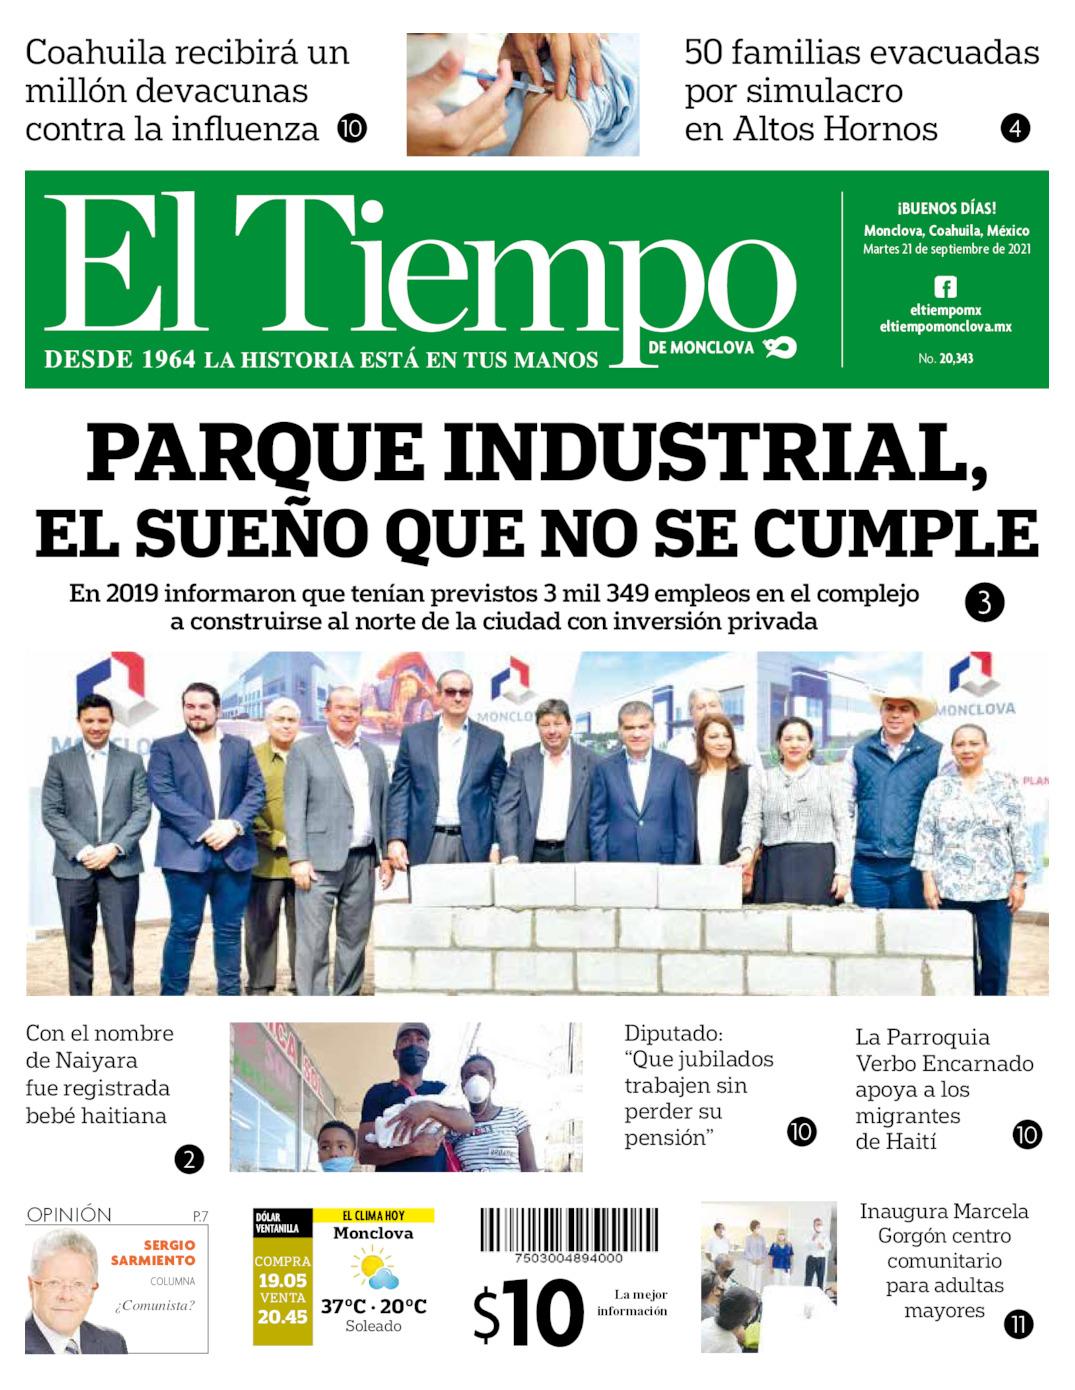 Portada del martes 21 de septiembre de 2021, periódico El Tiempo de Monclova